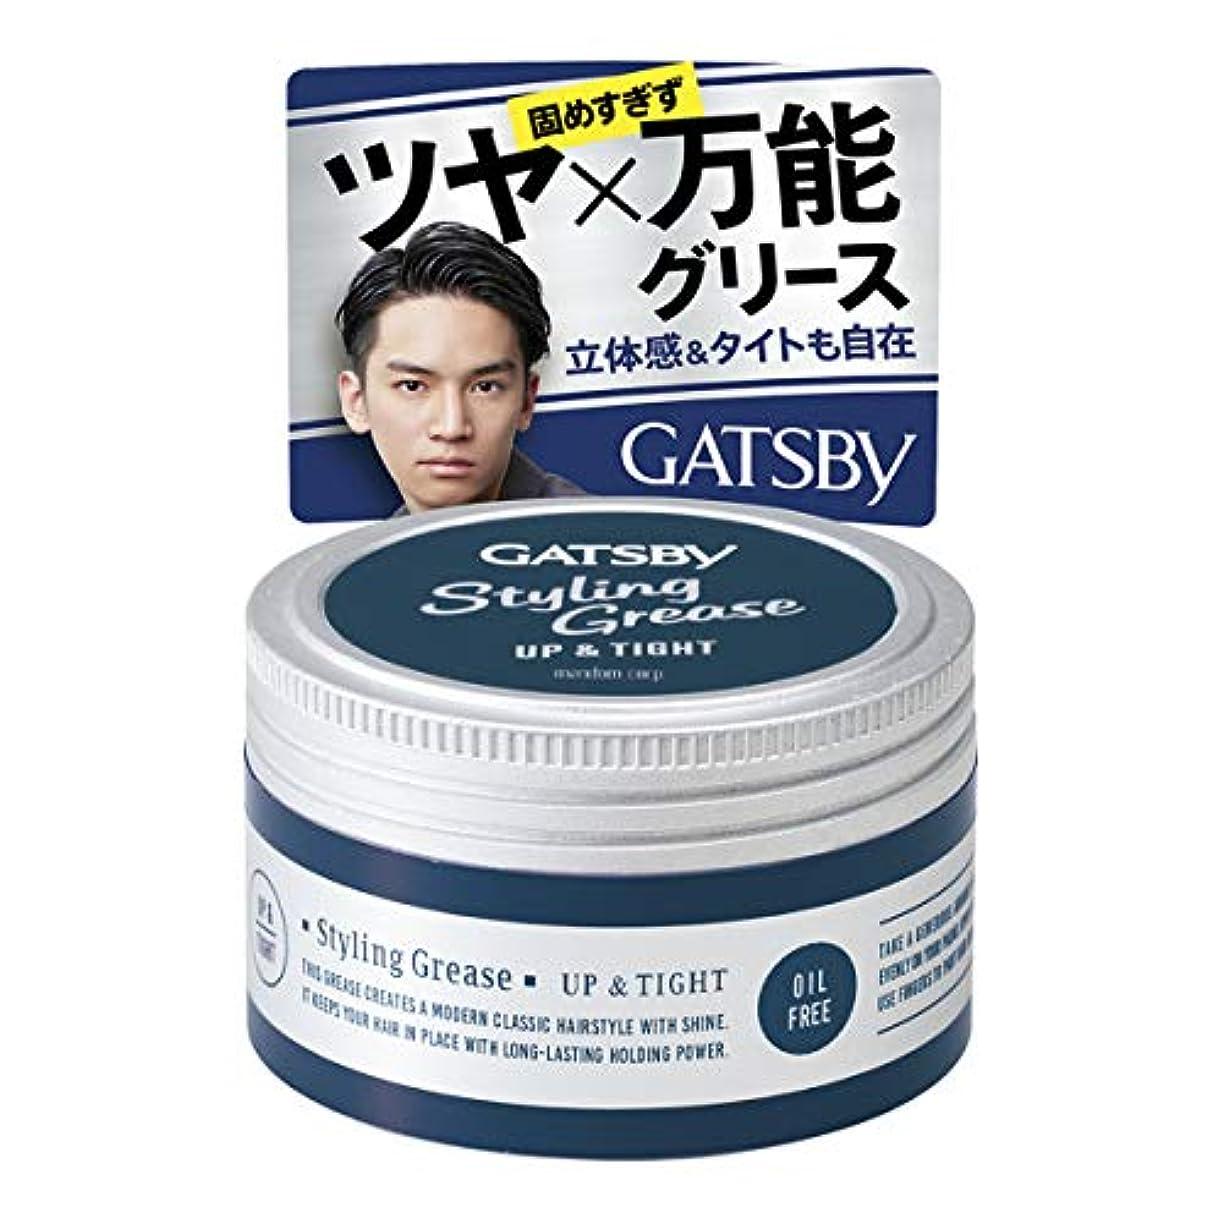 空気音事GATSBY(ギャツビー) スタイリンググリース アッパータイト 100g